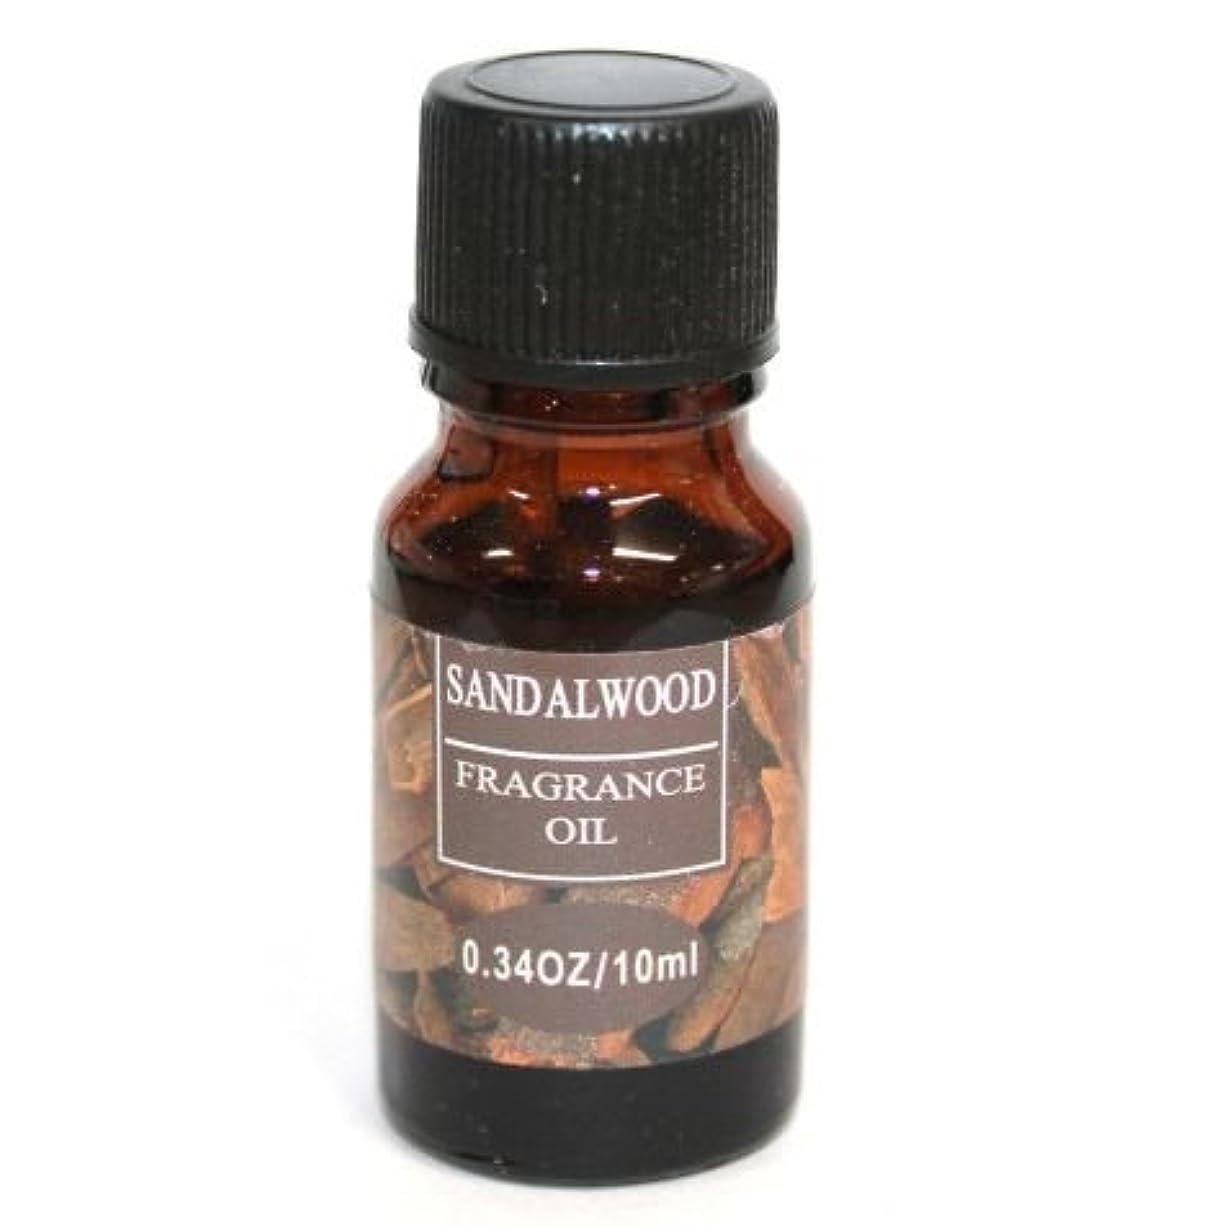 お風呂を持っている鰐クリエイティブRELAXING アロマオイル フレグランスオイル サンダルウッドの香り ビャクダン (白檀) RQ-03